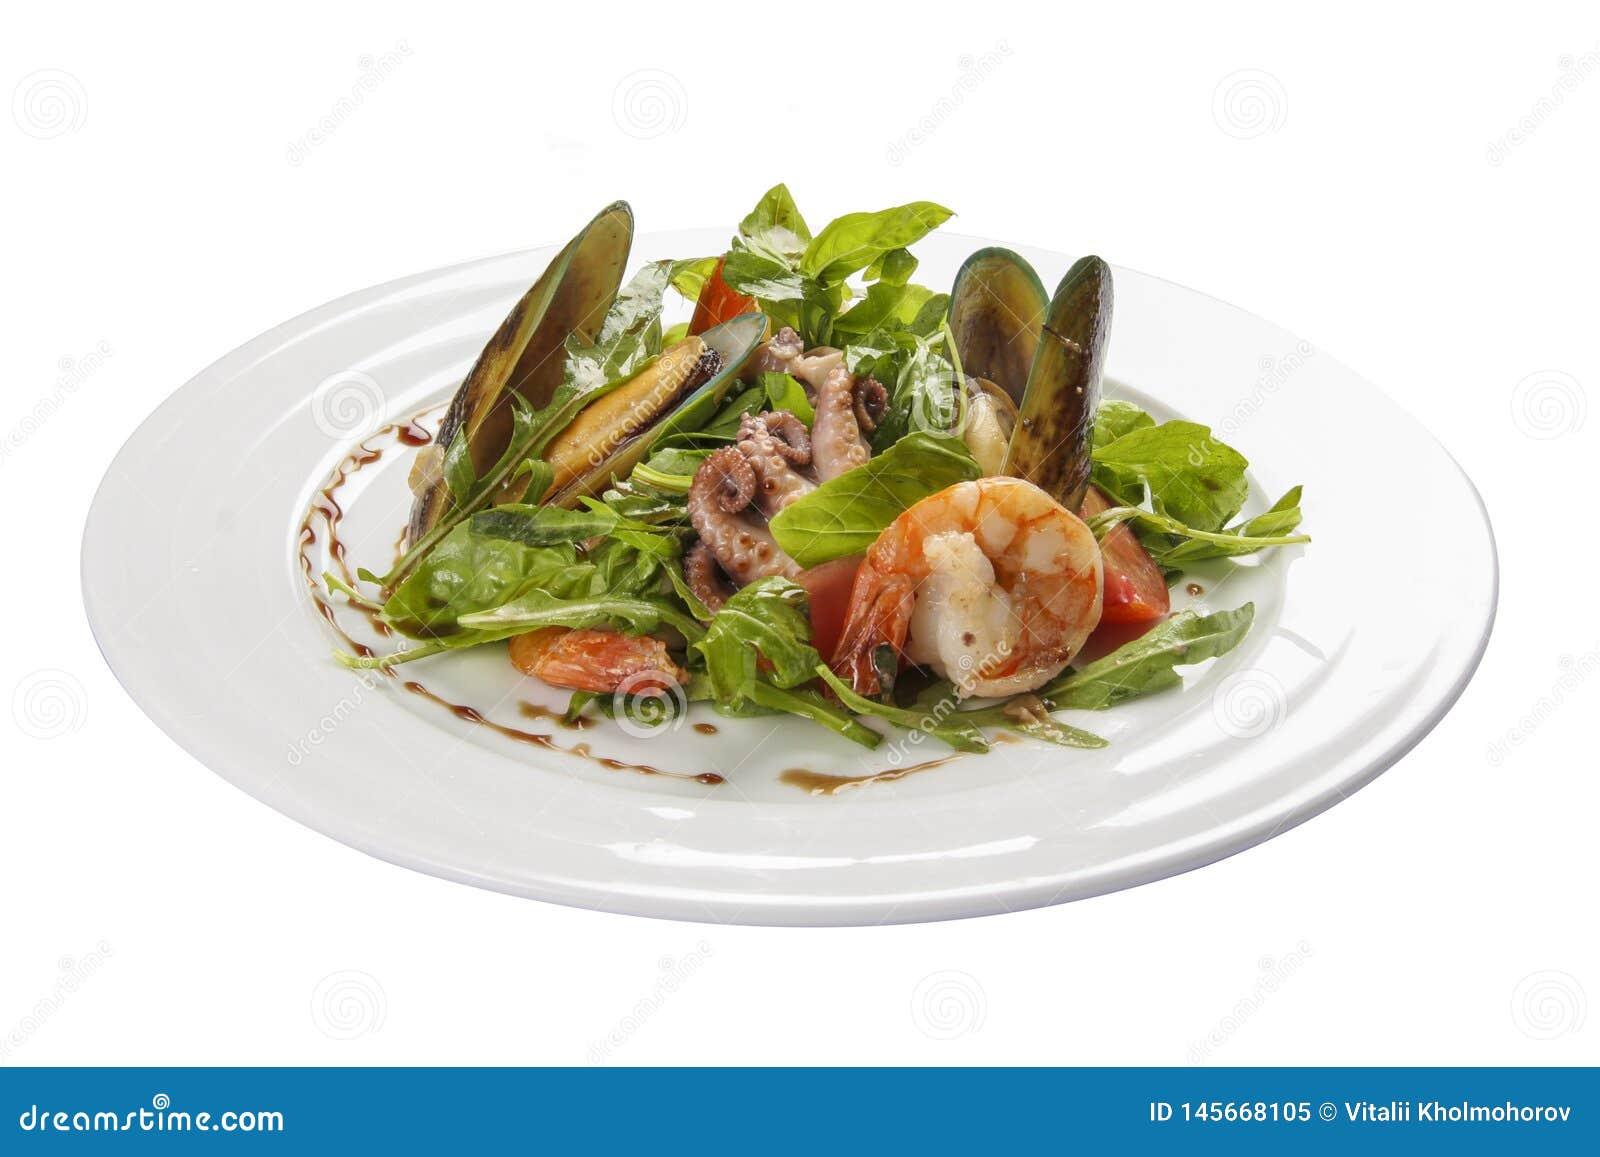 海鲜沙拉 一个传统西班牙盘